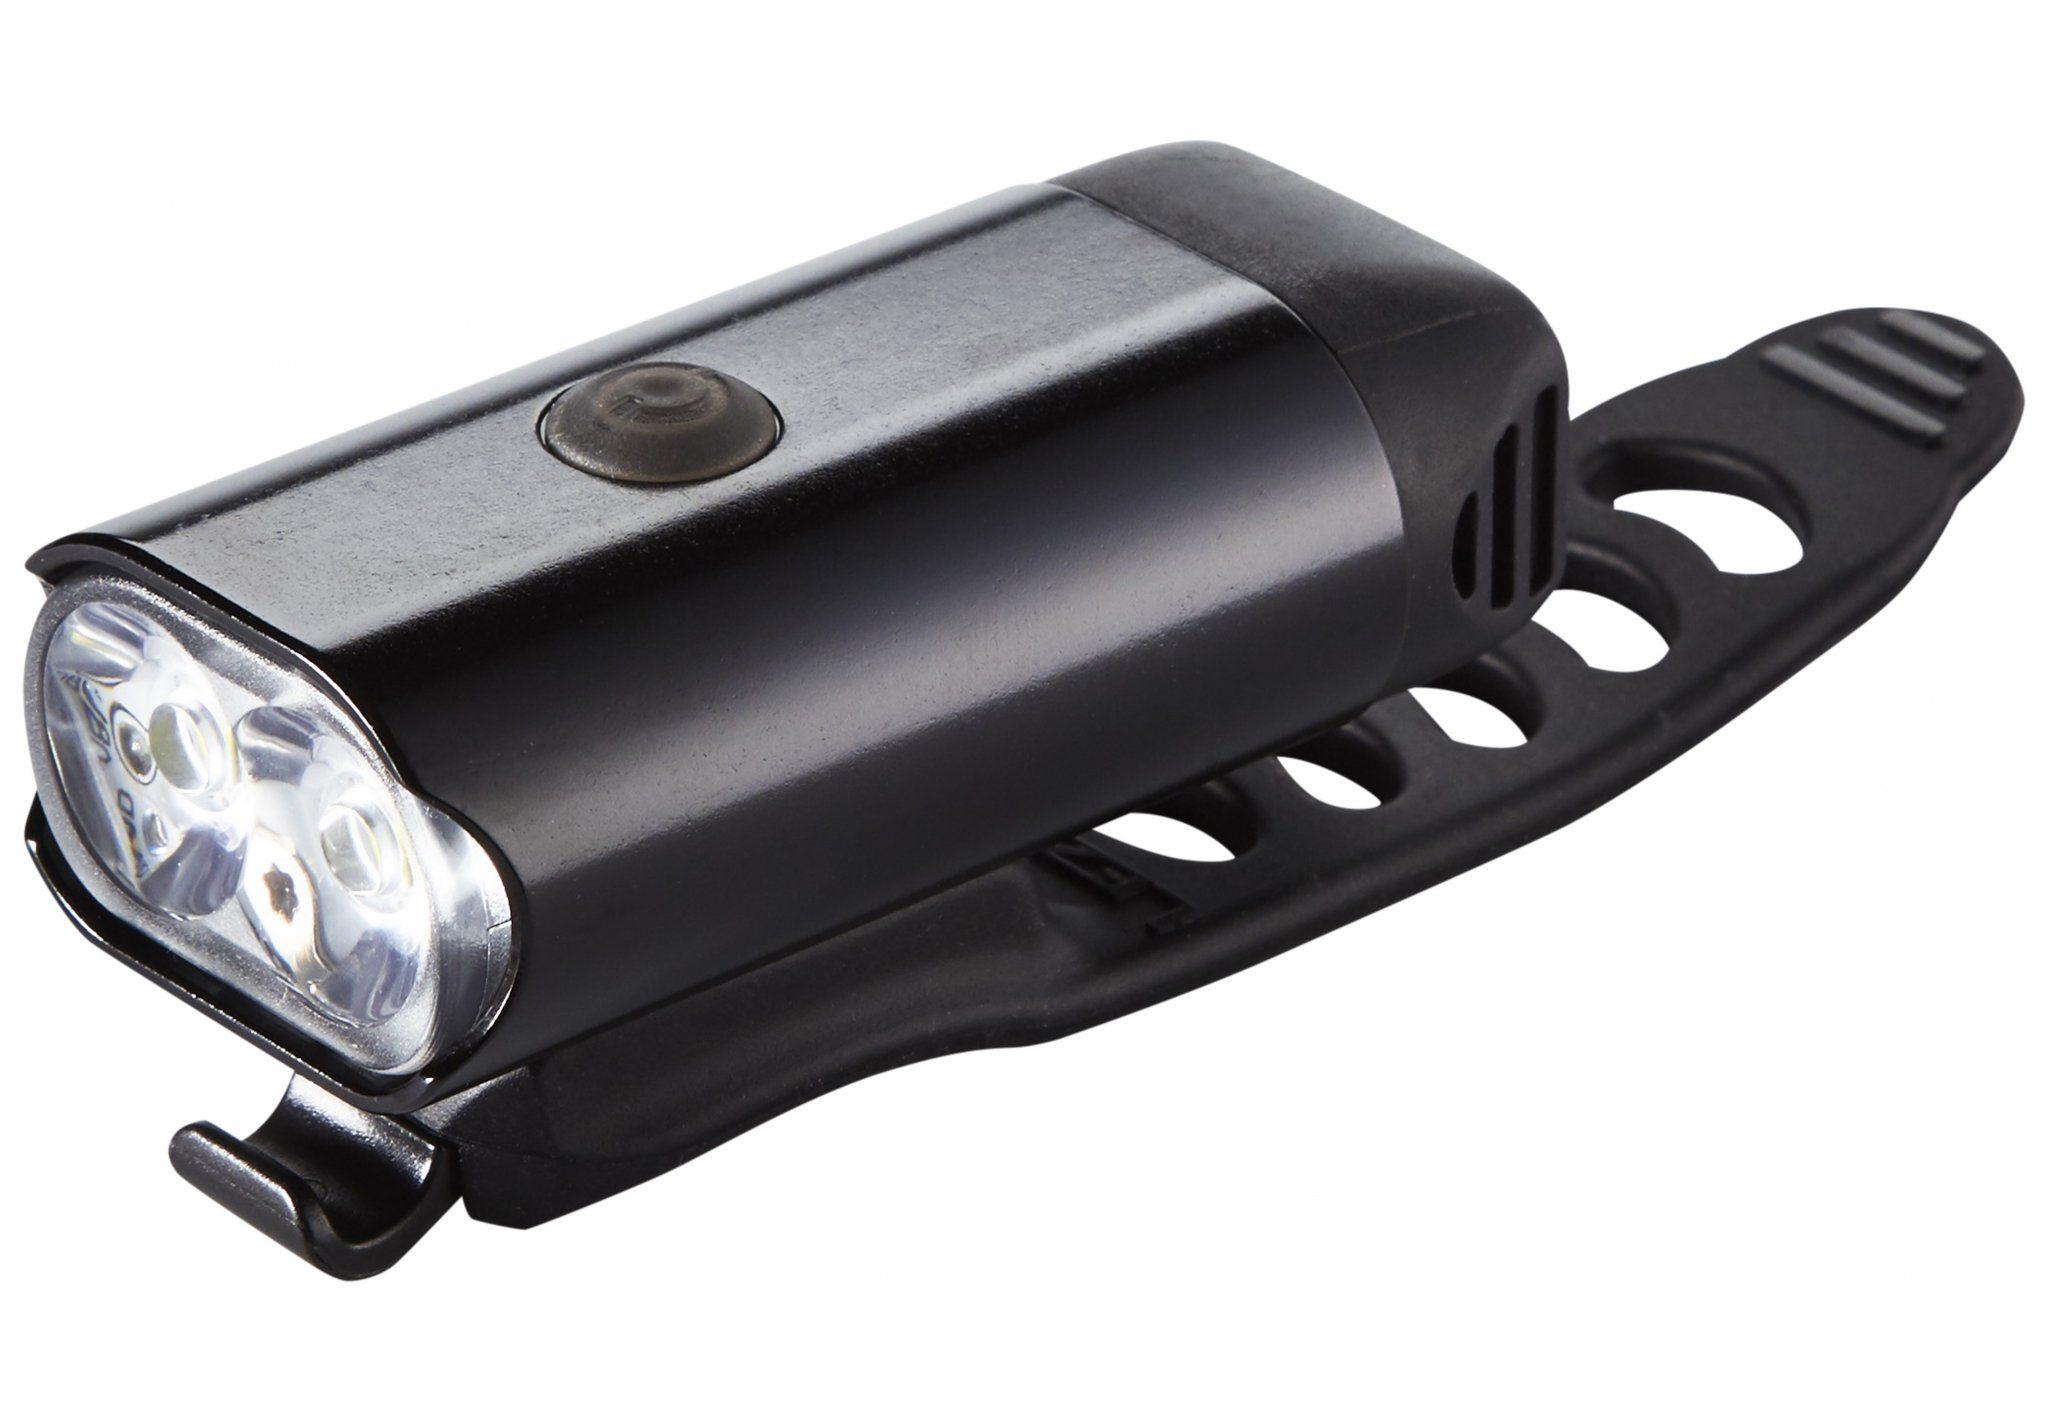 Lezyne Fahrradbeleuchtung »Micro Drive 400 XL Frontlicht«